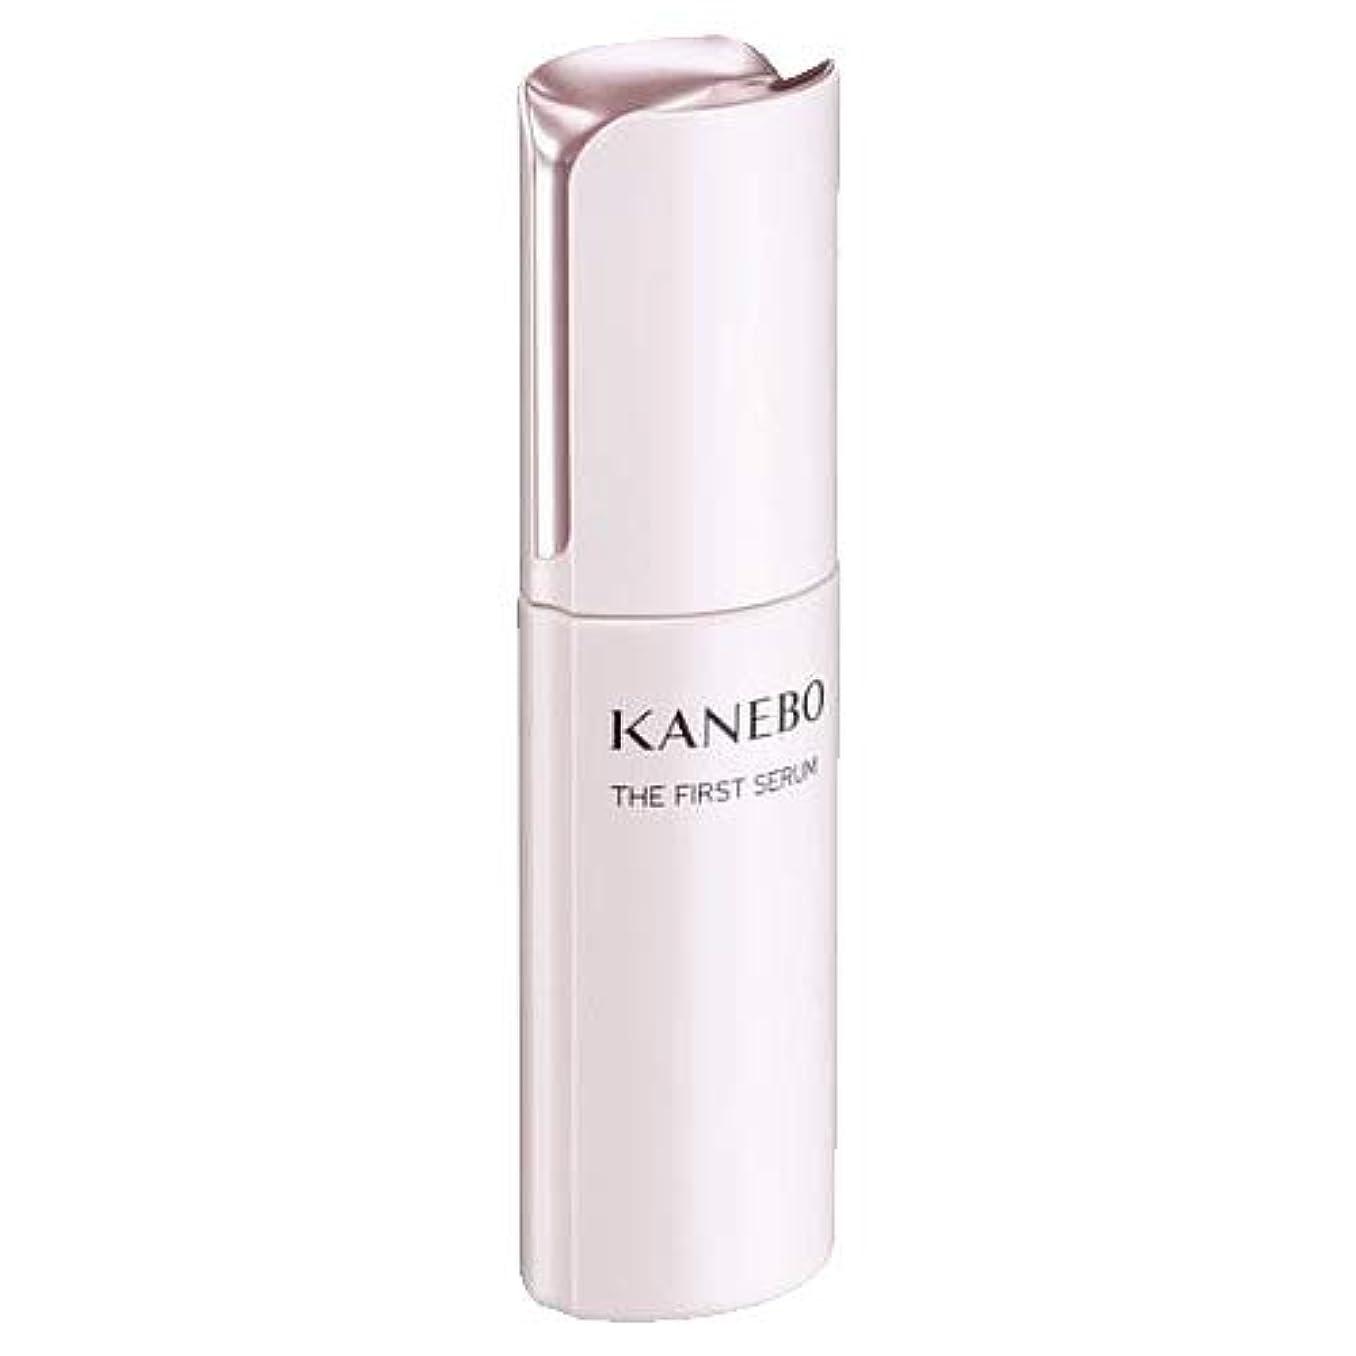 コンプリート思い出すなにカネボウ KANEBO 美容液 ザ ファースト セラム 60ml [並行輸入品]